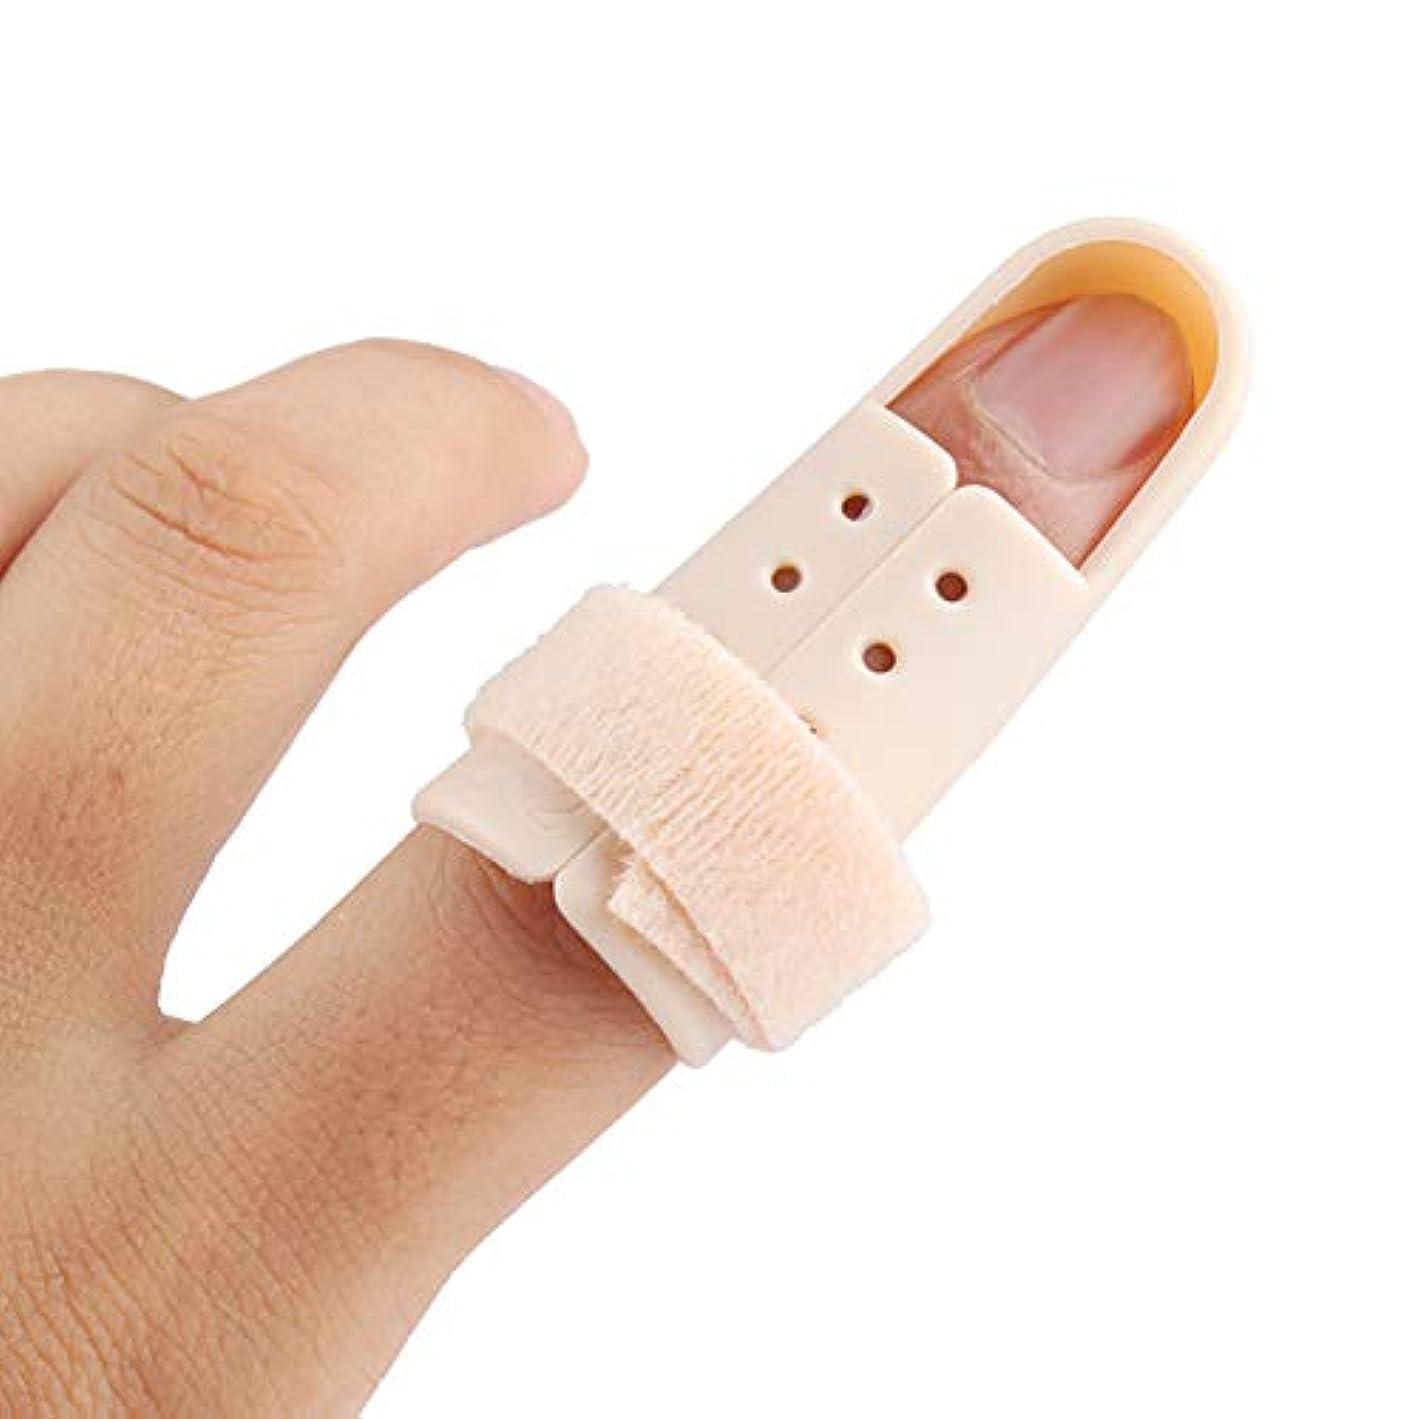 指導する意気込み批判的フィンガースプリントブレース、指関節痛用フィンガーイモビライザー、バスケットボール用プロテクター、5個,S